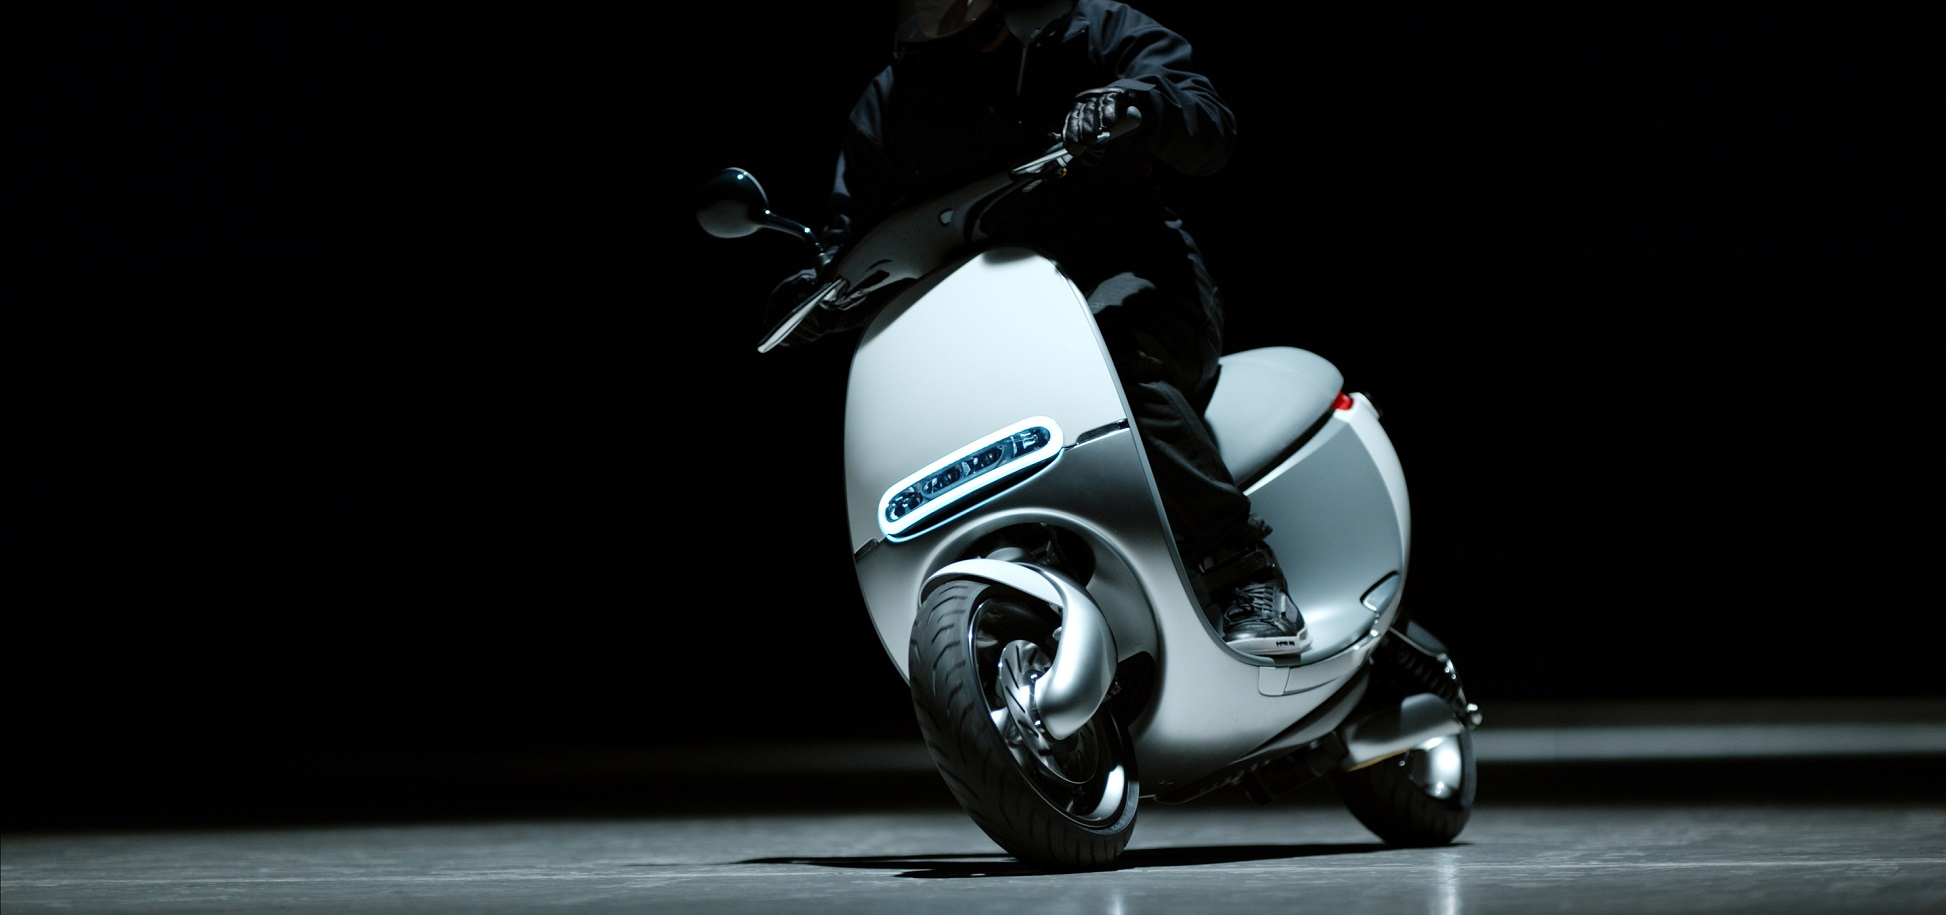 Esta scooter eléctrica reposta cambiando su batería